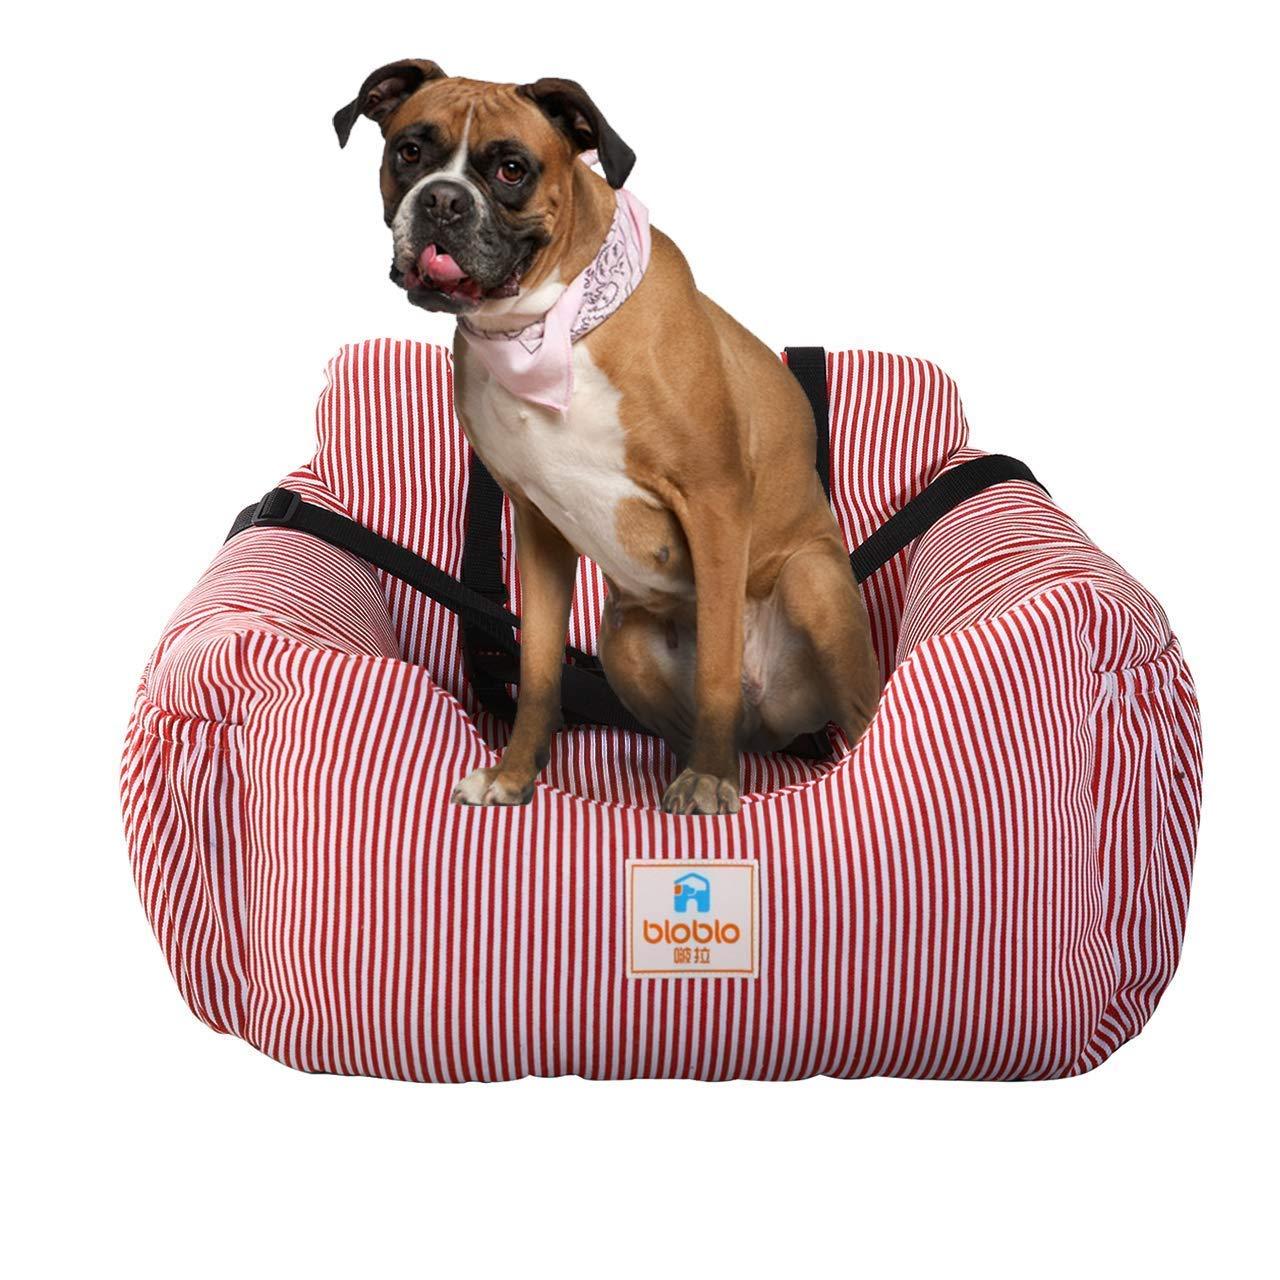 Bo /& Chao Dog Car Seat Travel Carrier Pet Travel Safety Car Seat Pet Booster posti Letto per Cani per Auto con Tasca portaoggetti Lavabile Cane seggiolino Auto